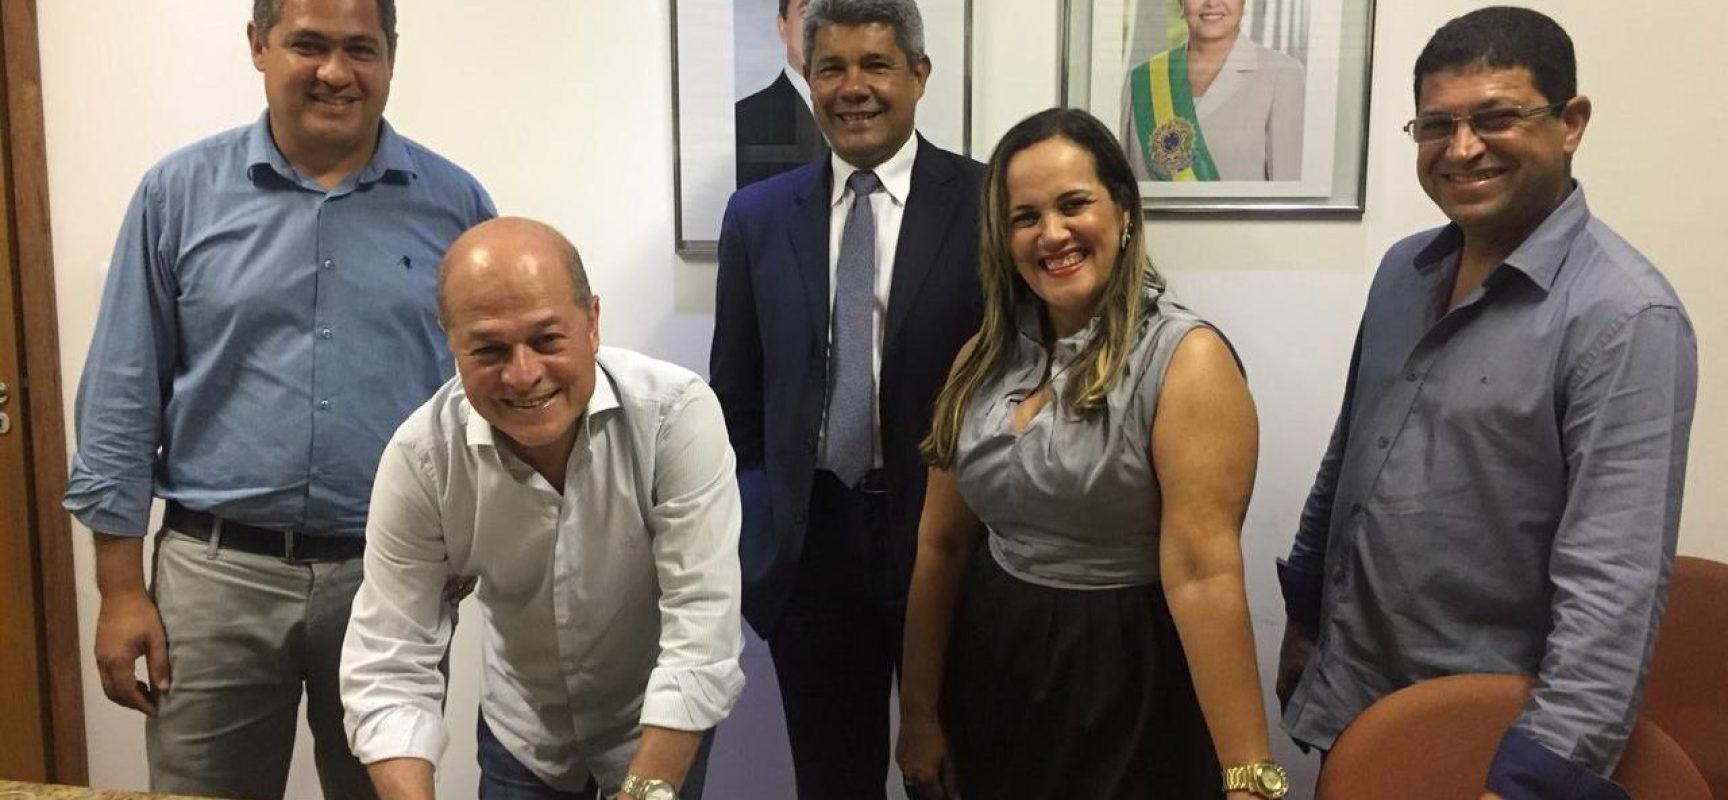 Mercado Municipal de Barro Preto será reformado com recursos garantidos pelo deputado Joseildo